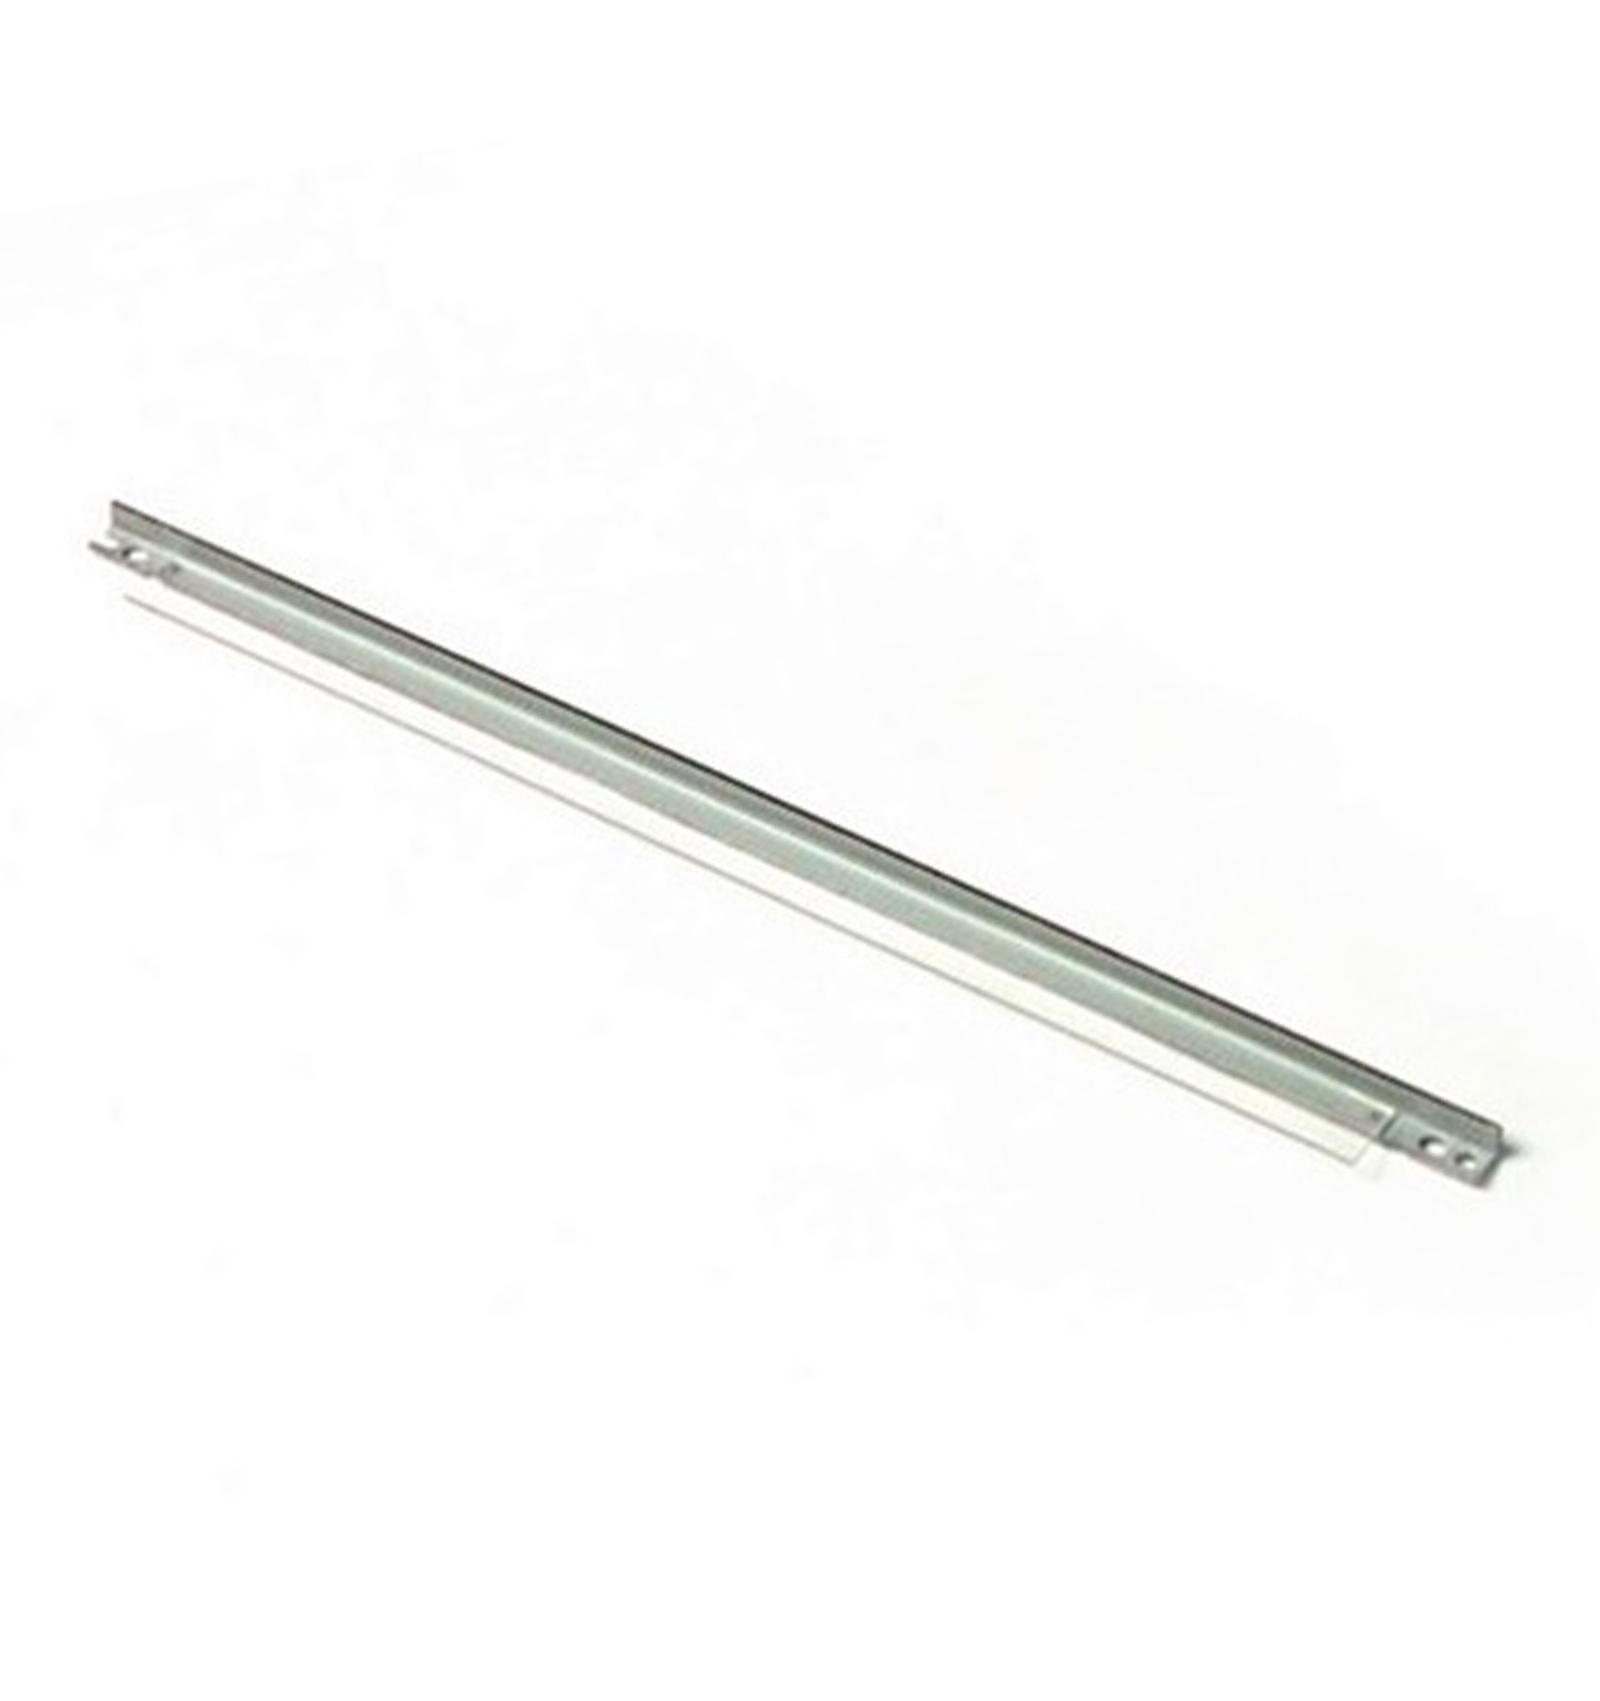 Замена дозирующего лезвия магнитного вала картриджа HP Q5949A/X (49A/X) для LaserJet 1160/1320/3390/3392